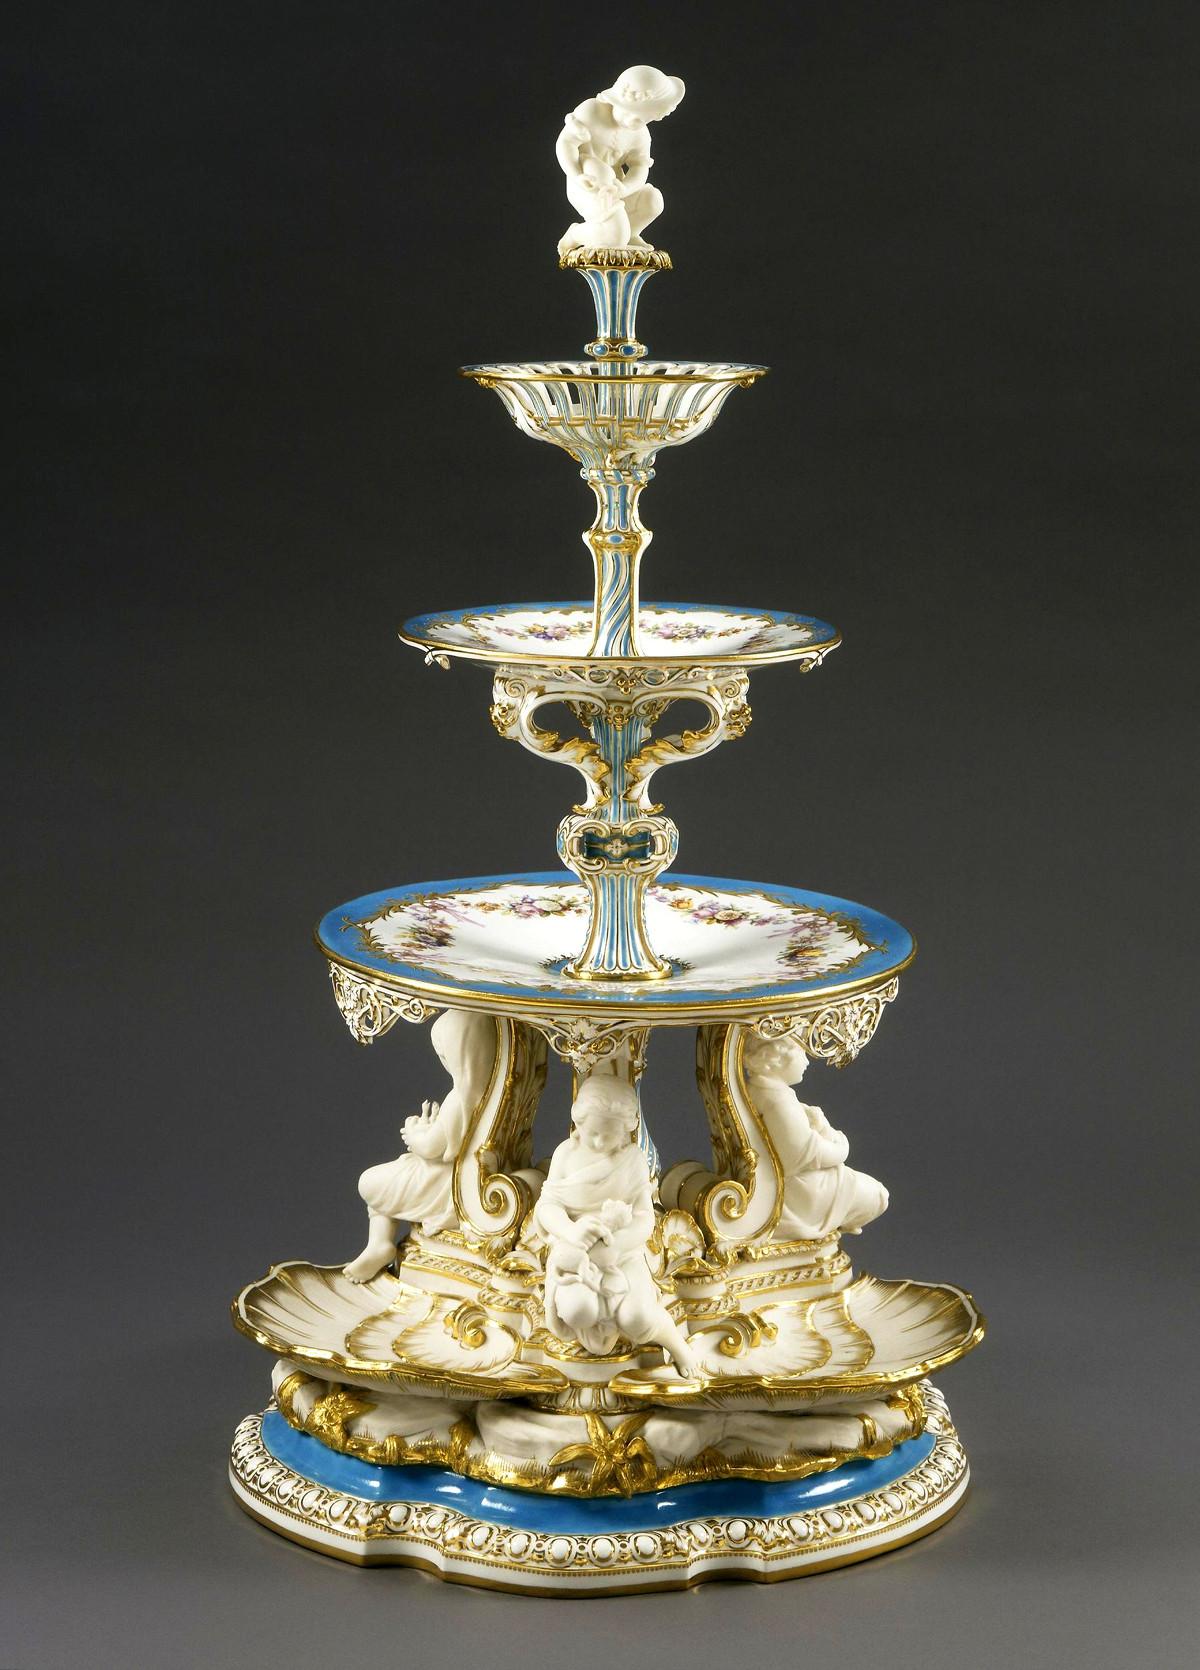 Victoria pierced tiered centrepiece for a dessert service